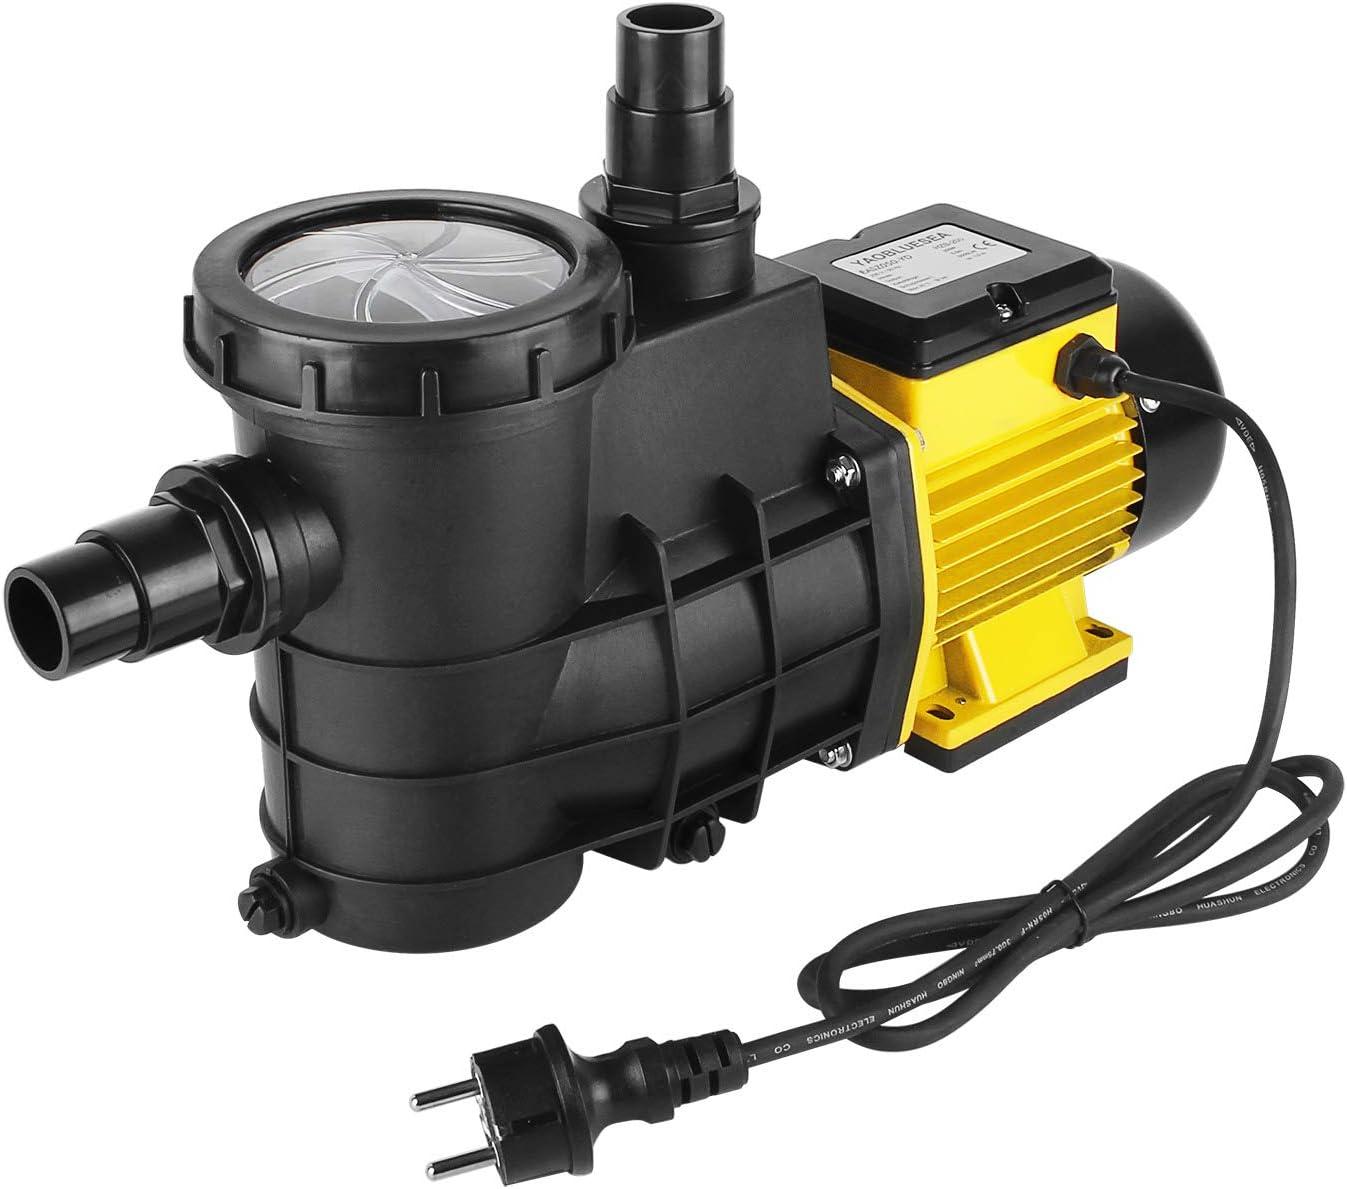 YAOBLUESEA Bomba de circulación de Bomba de Piscina Bomba de Piscina Filtro 5000L / h, para circulación y filtración